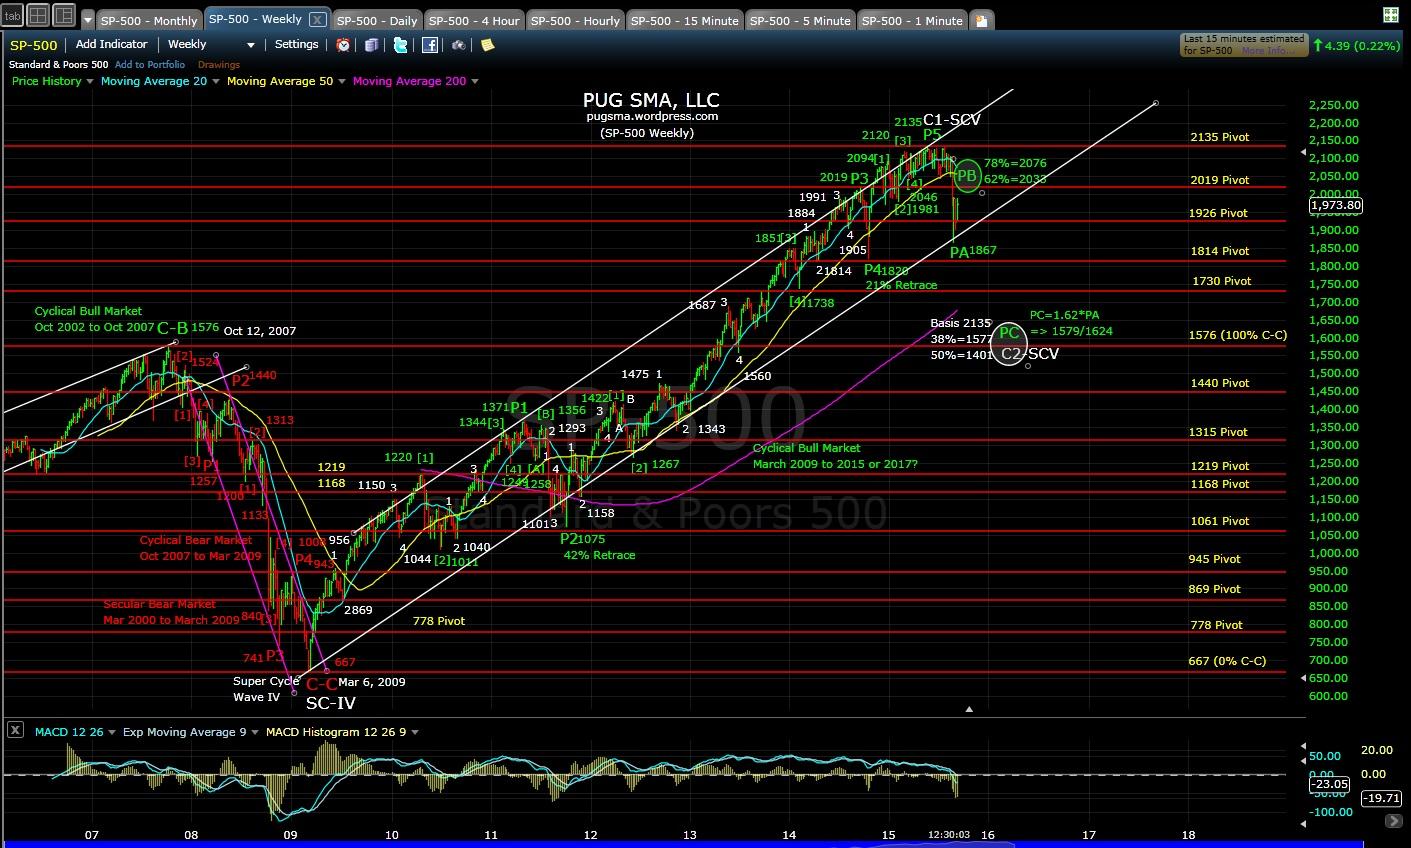 PUG SP-500 weeky chart MD 9-9-15